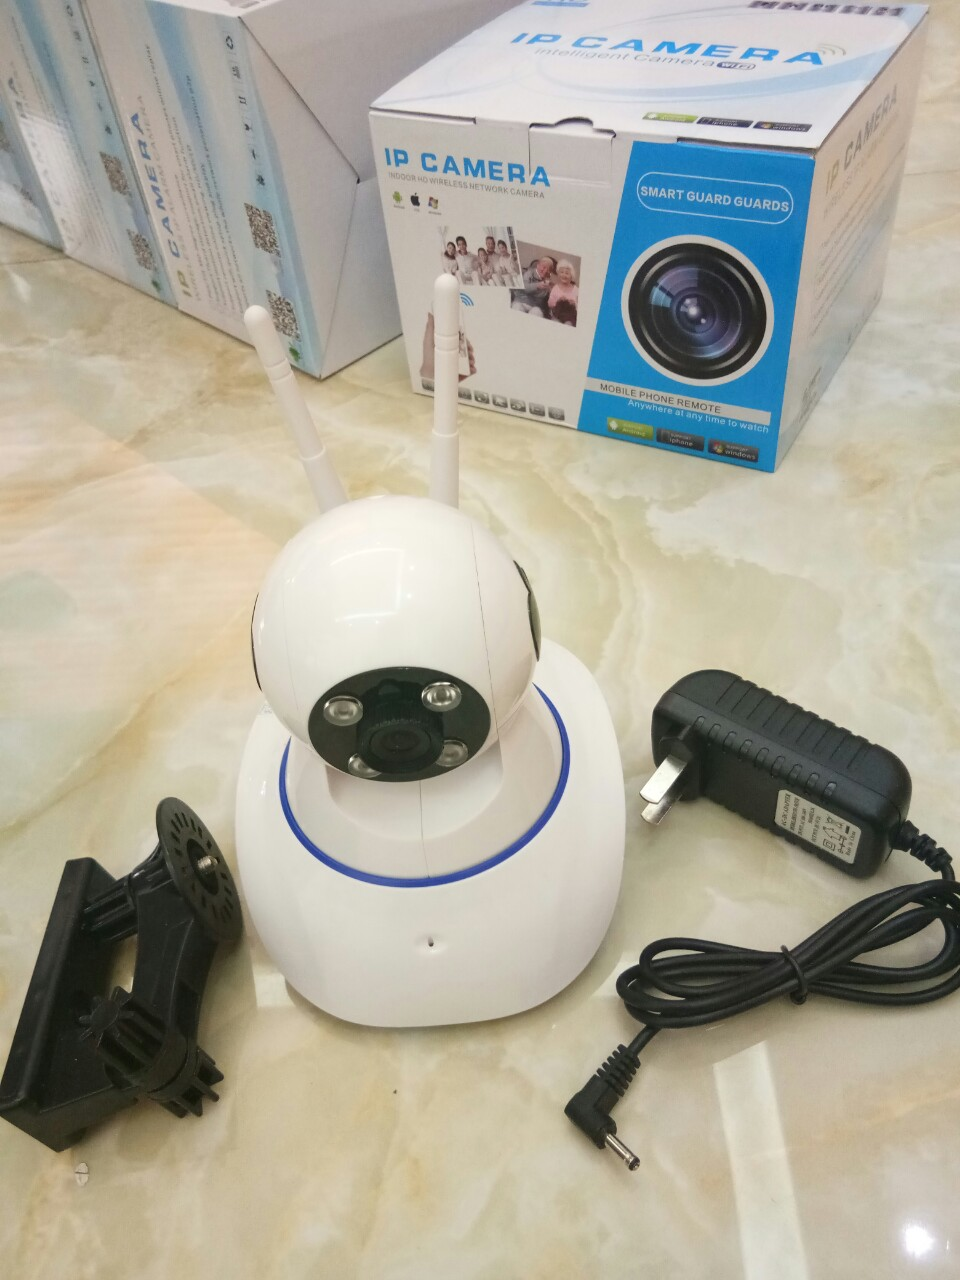 Camera Yoosee 2 Râu 1.0 MP - Hồng ngoại mới tốt hơn